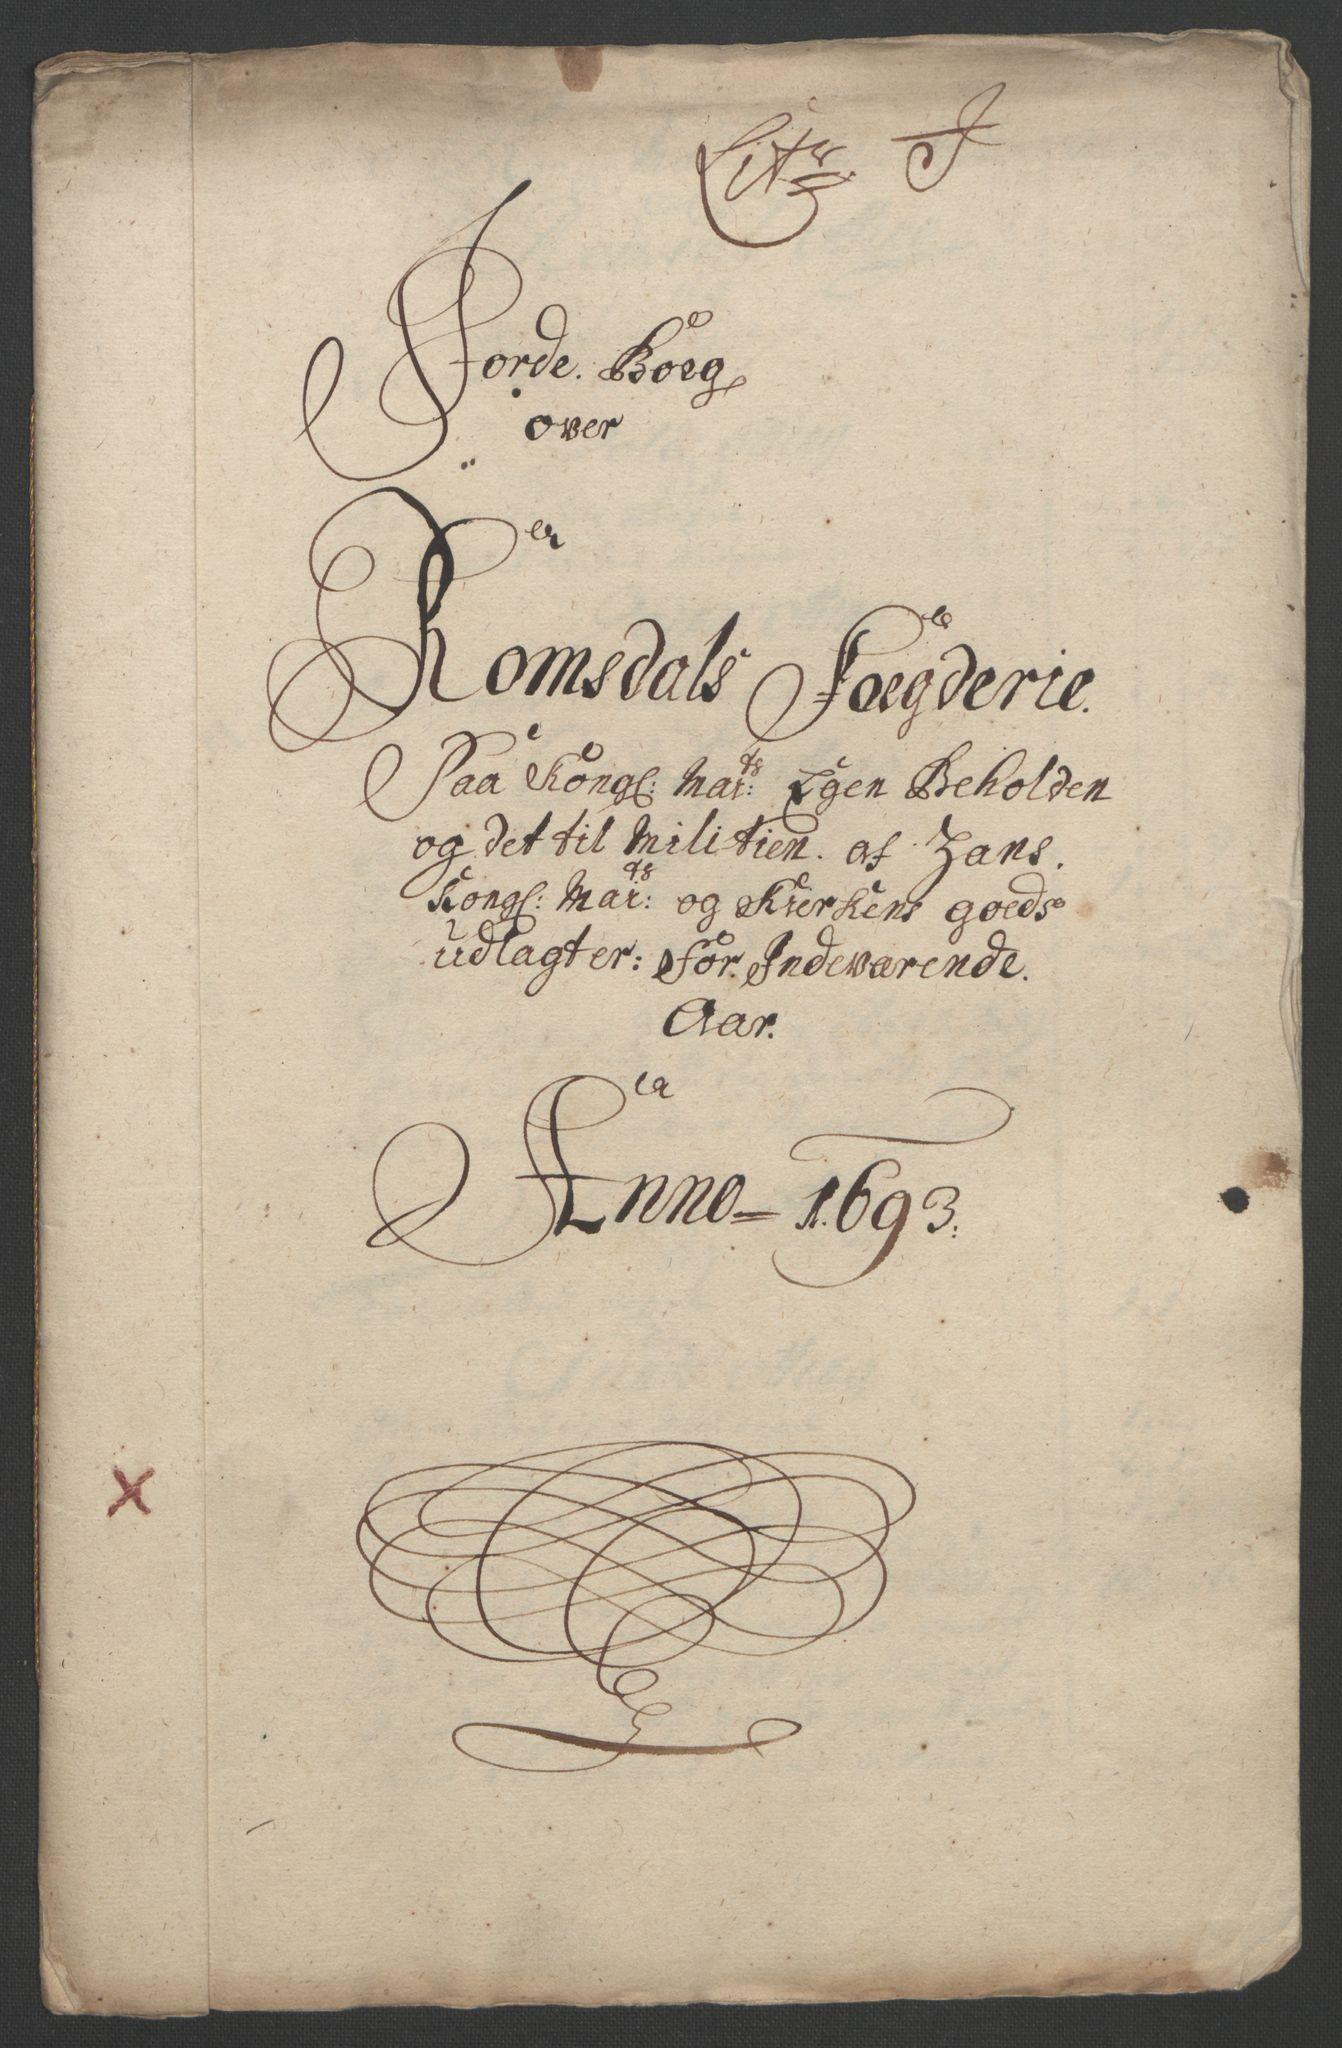 RA, Rentekammeret inntil 1814, Reviderte regnskaper, Fogderegnskap, R55/L3651: Fogderegnskap Romsdal, 1693-1694, s. 100